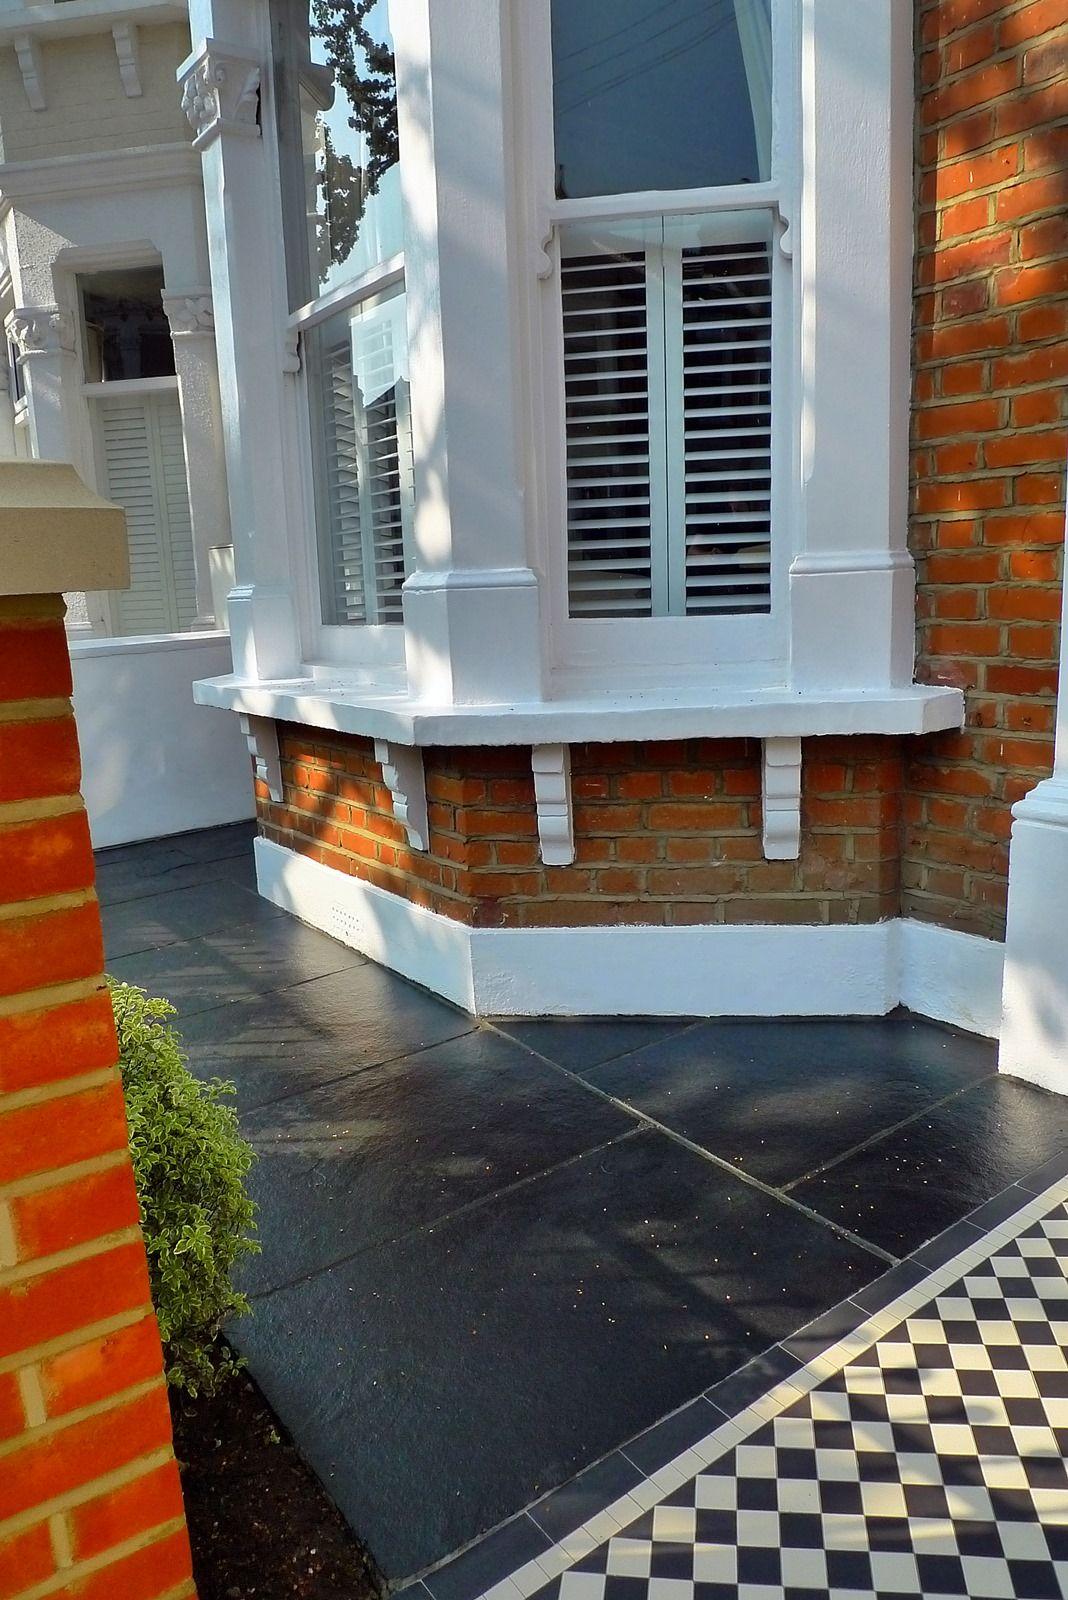 clapham balham Victorian front garden mosaic tile path red brick ...